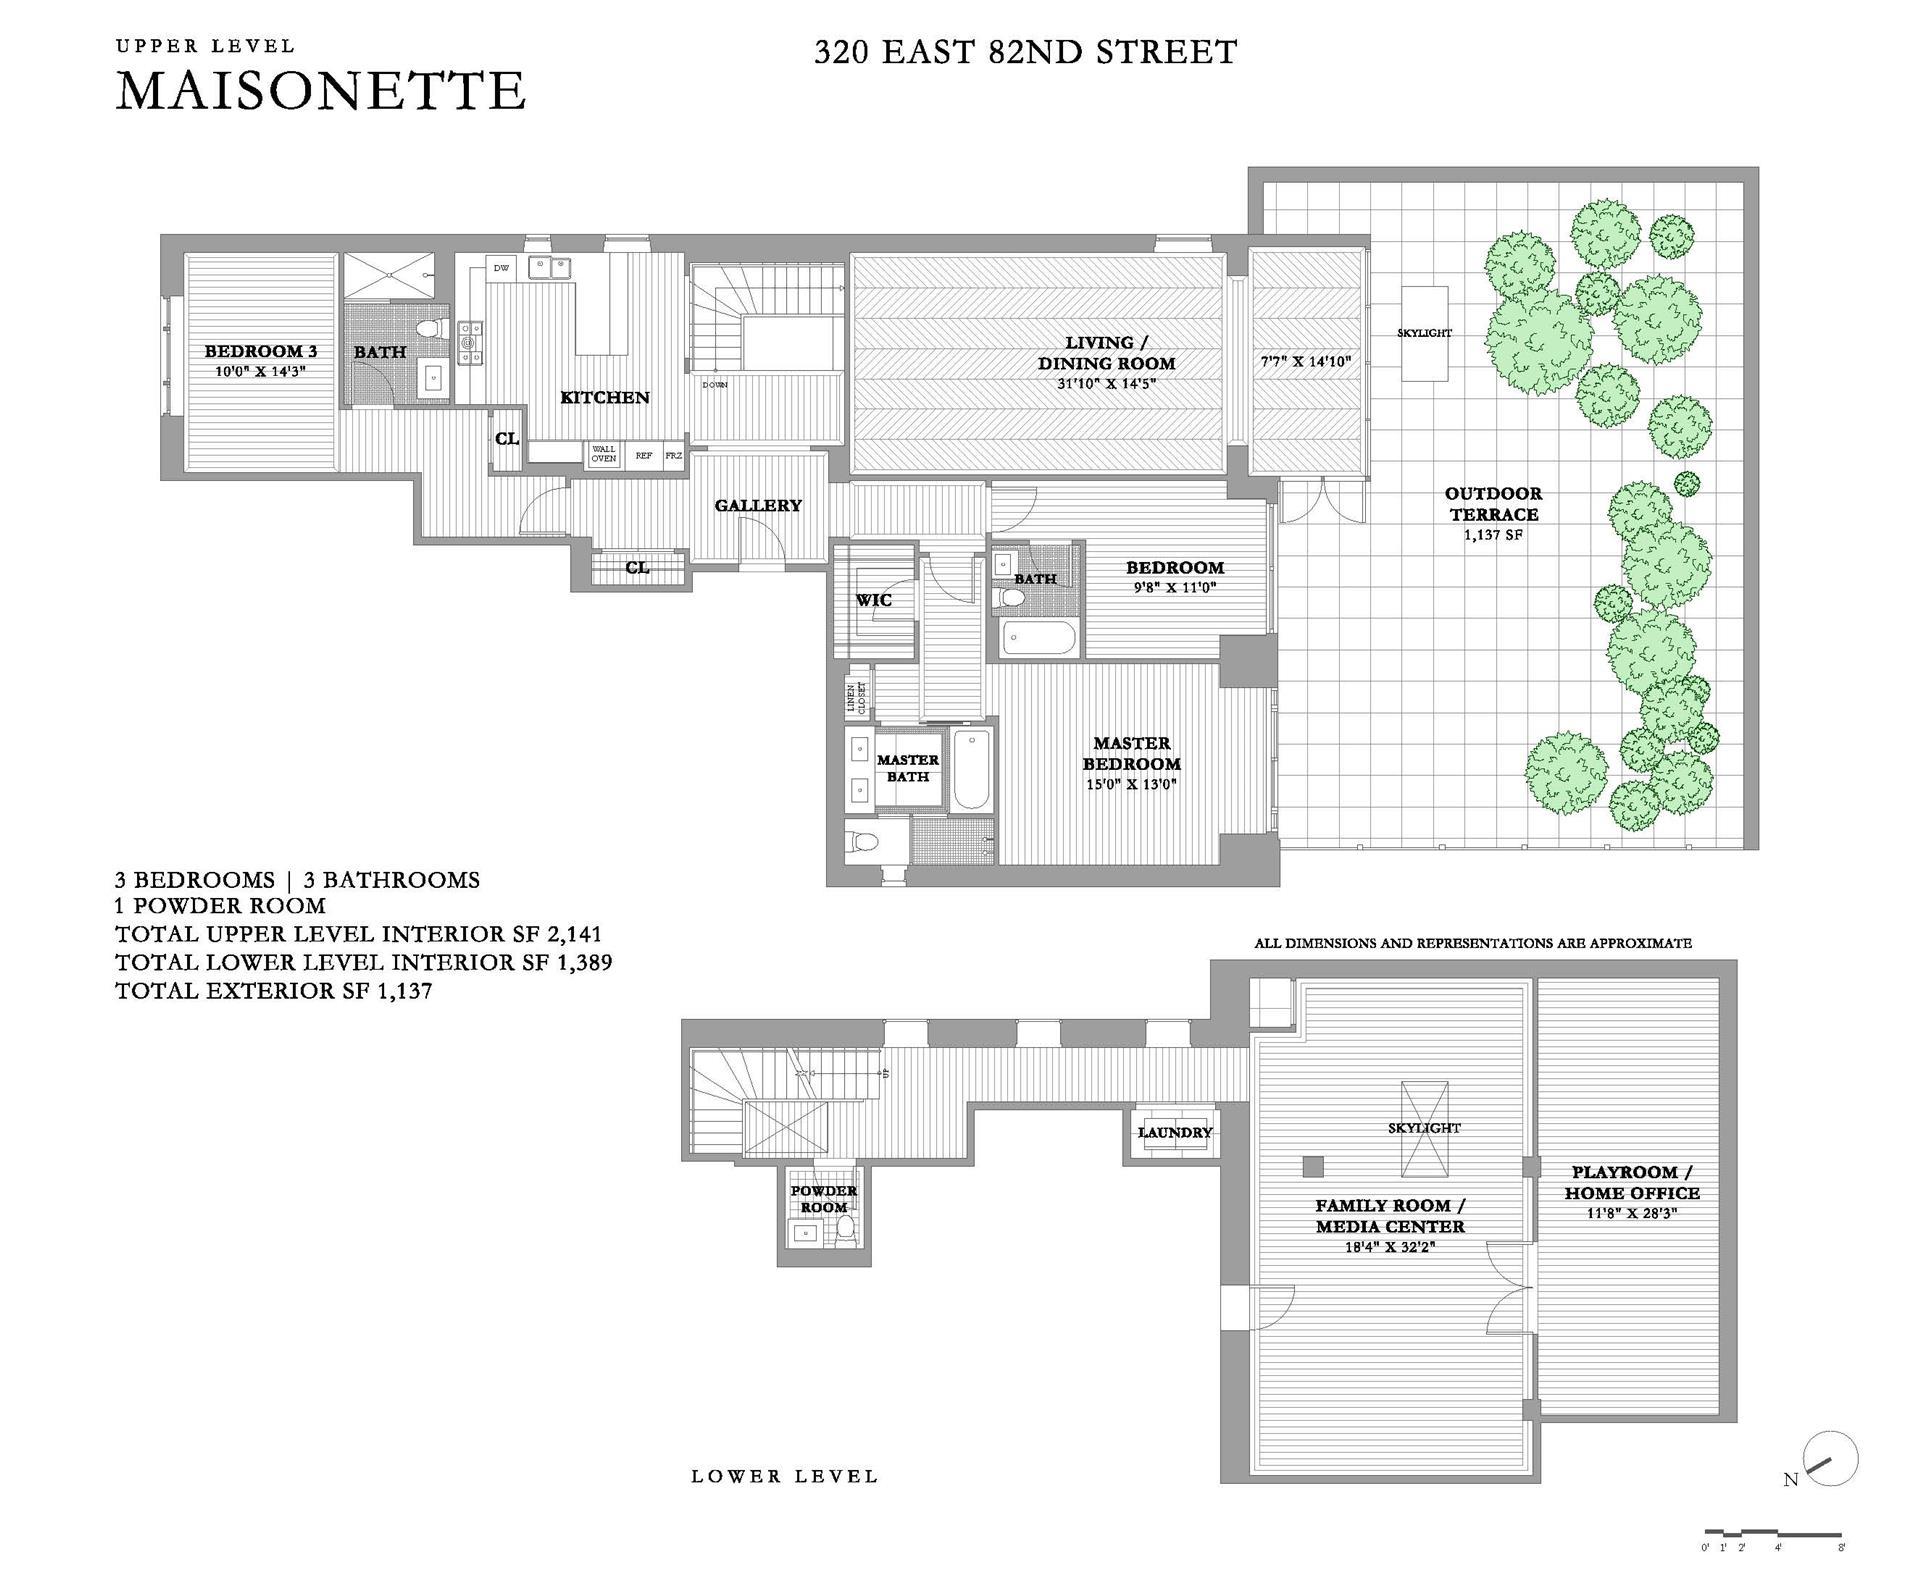 Floor plan of 320 East 82nd St, MAISONETTE - Upper East Side, New York